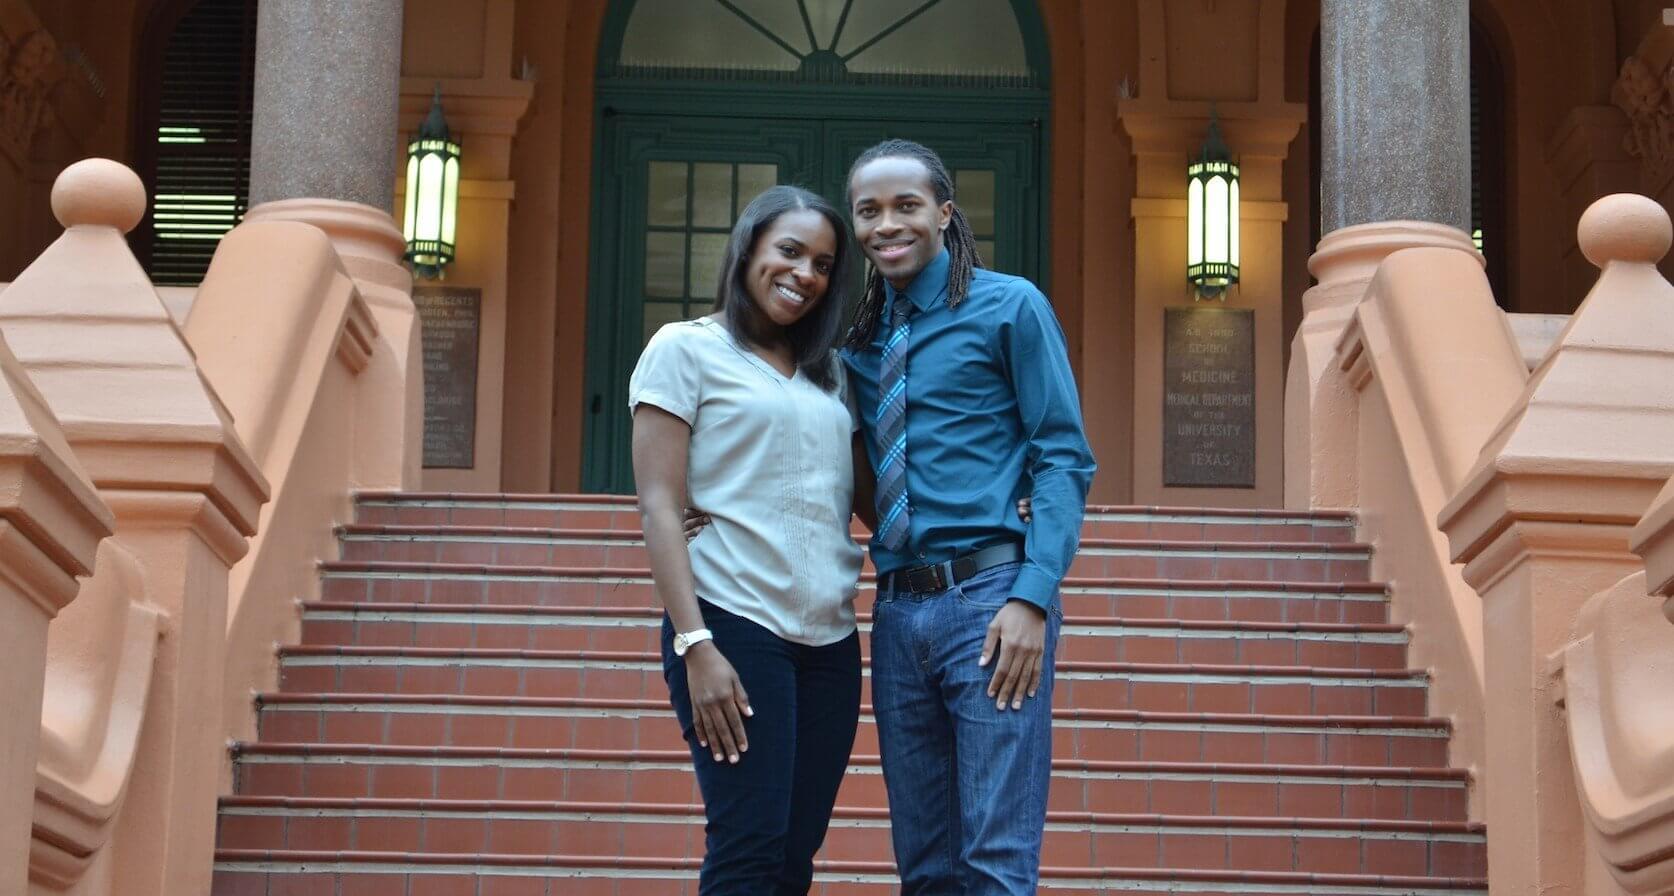 Tiffany Jones and Lahnden Onger